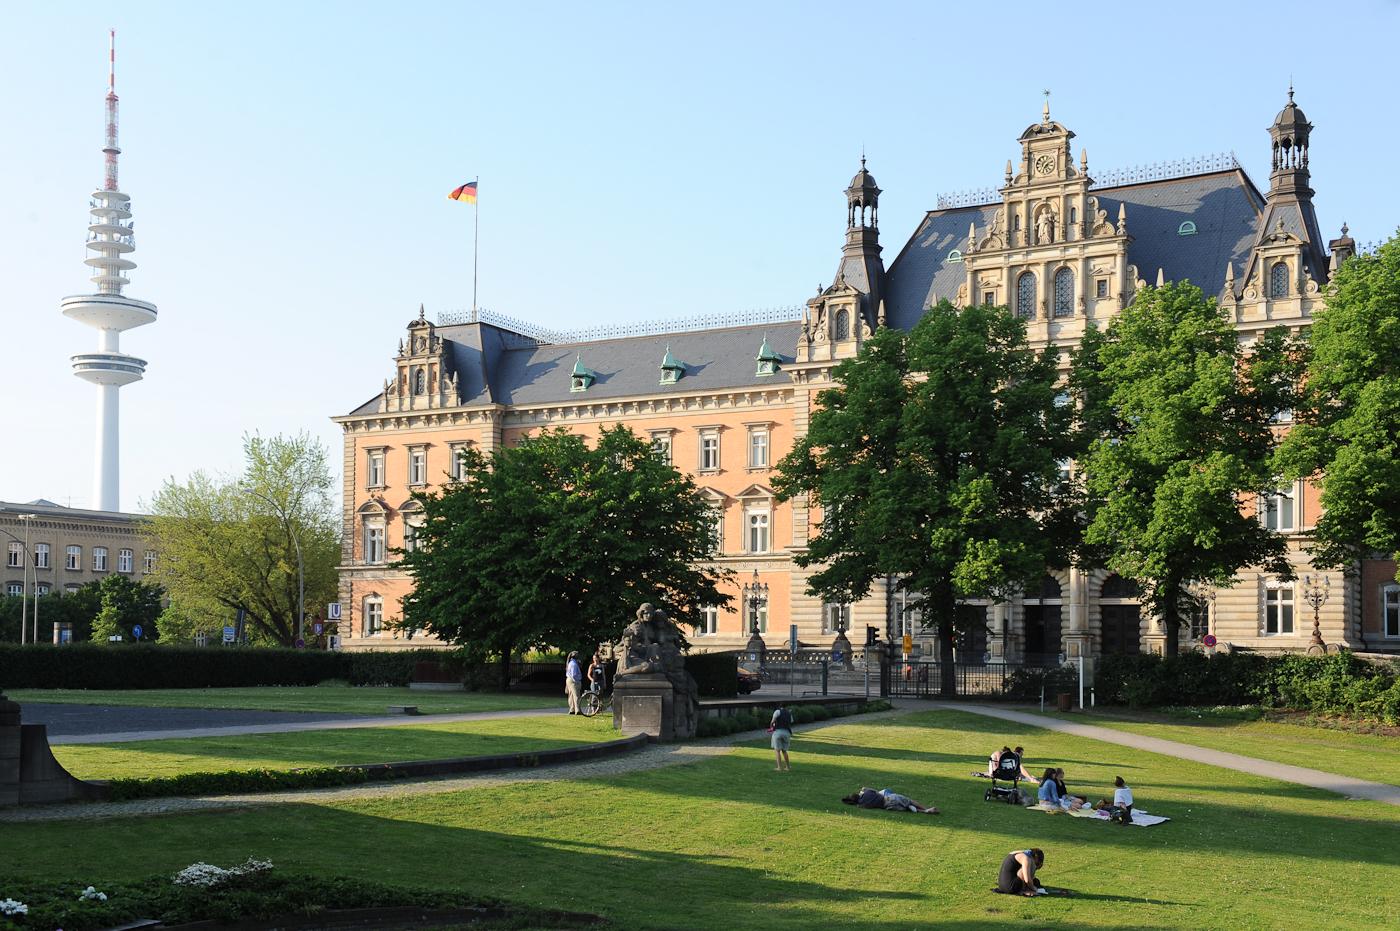 Foto ID 2015032001 Landgericht Hamburg Strafjustizgebäude St. Pauli